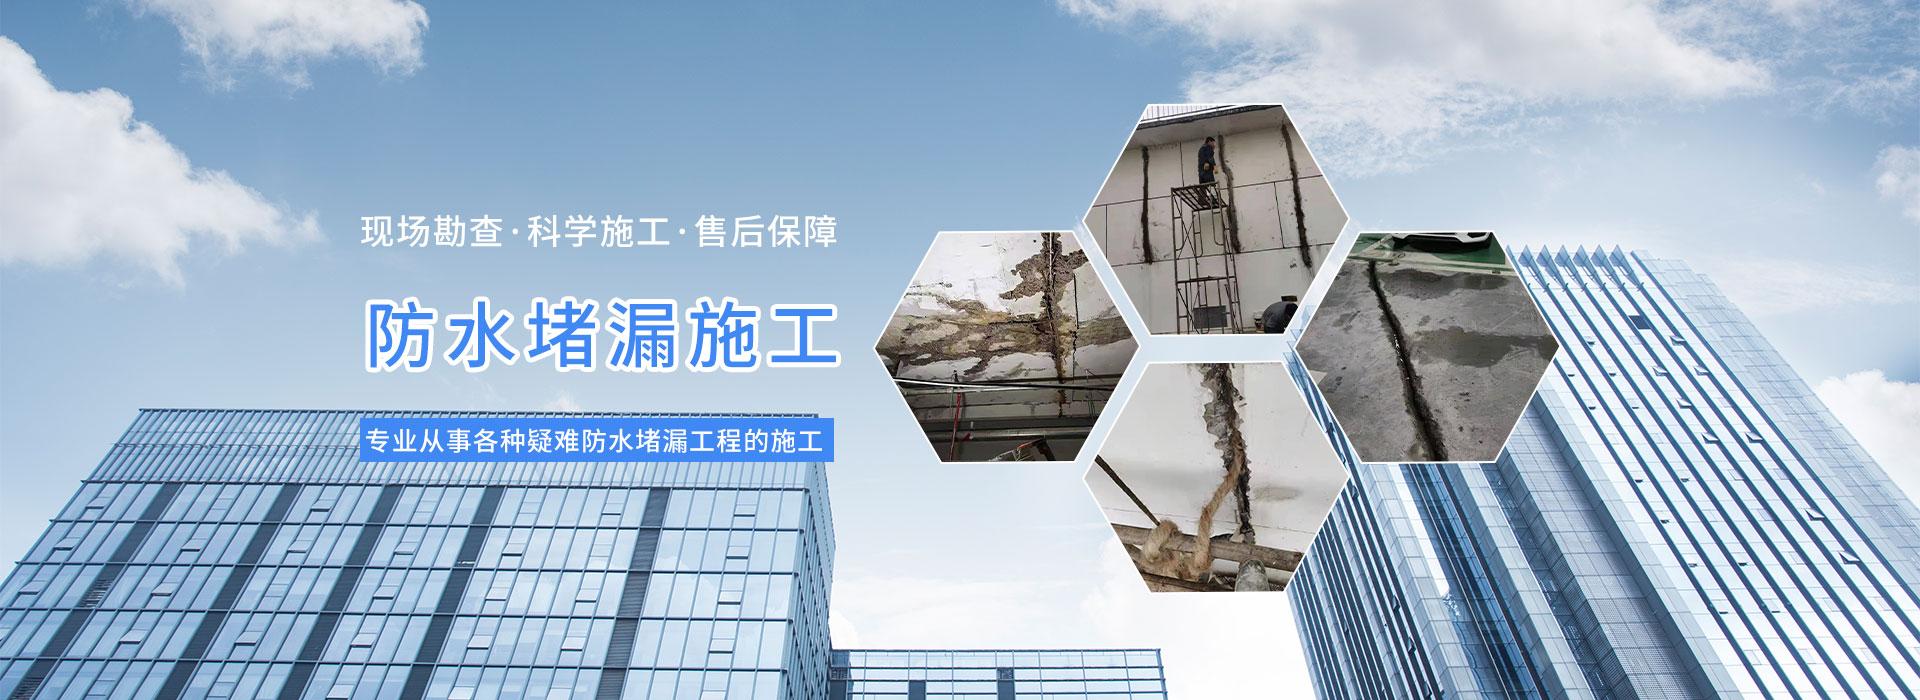 江苏东之森防水堵漏工程有限公司